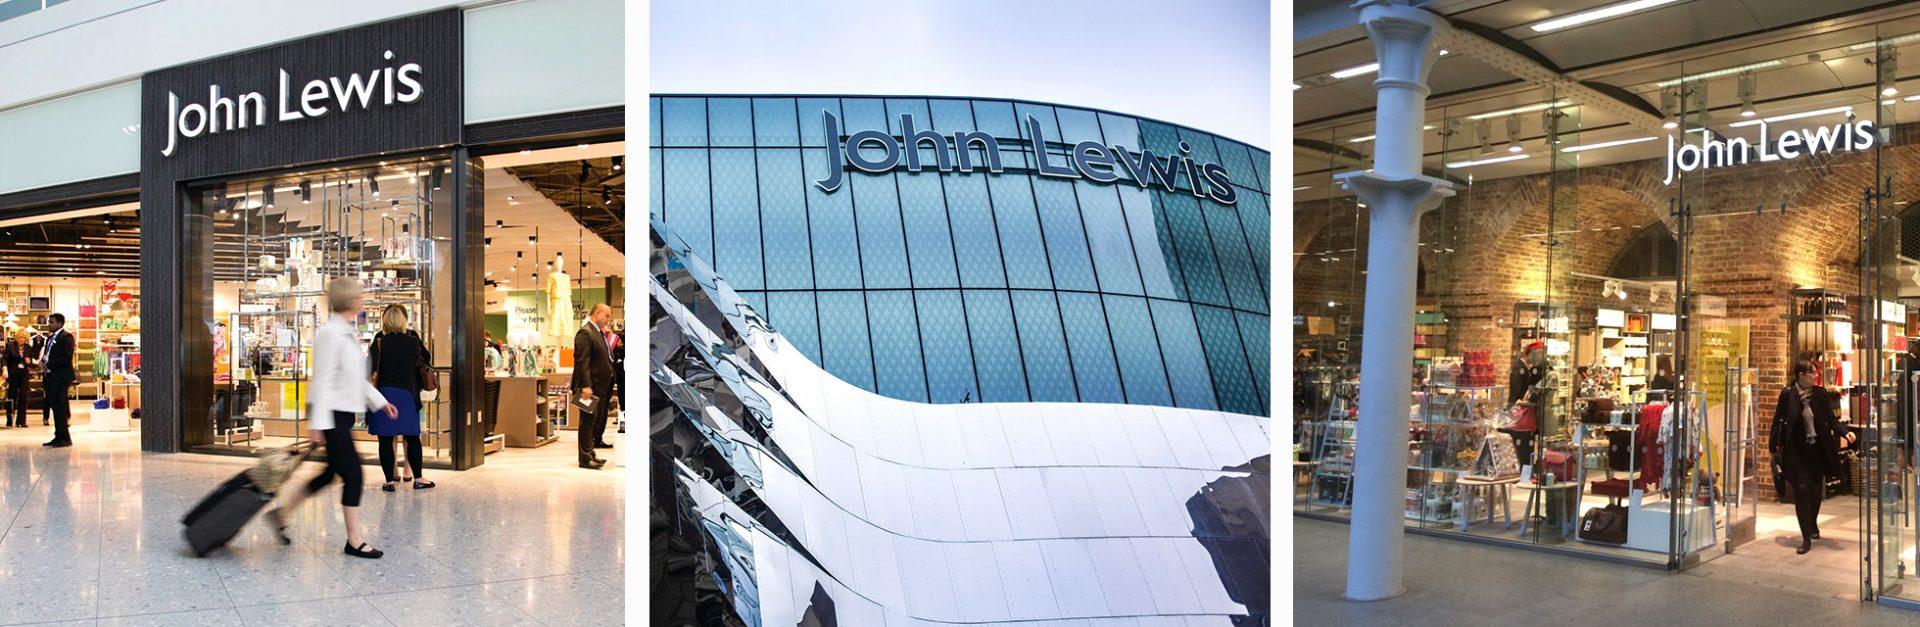 John Lewis Travel Retail Design